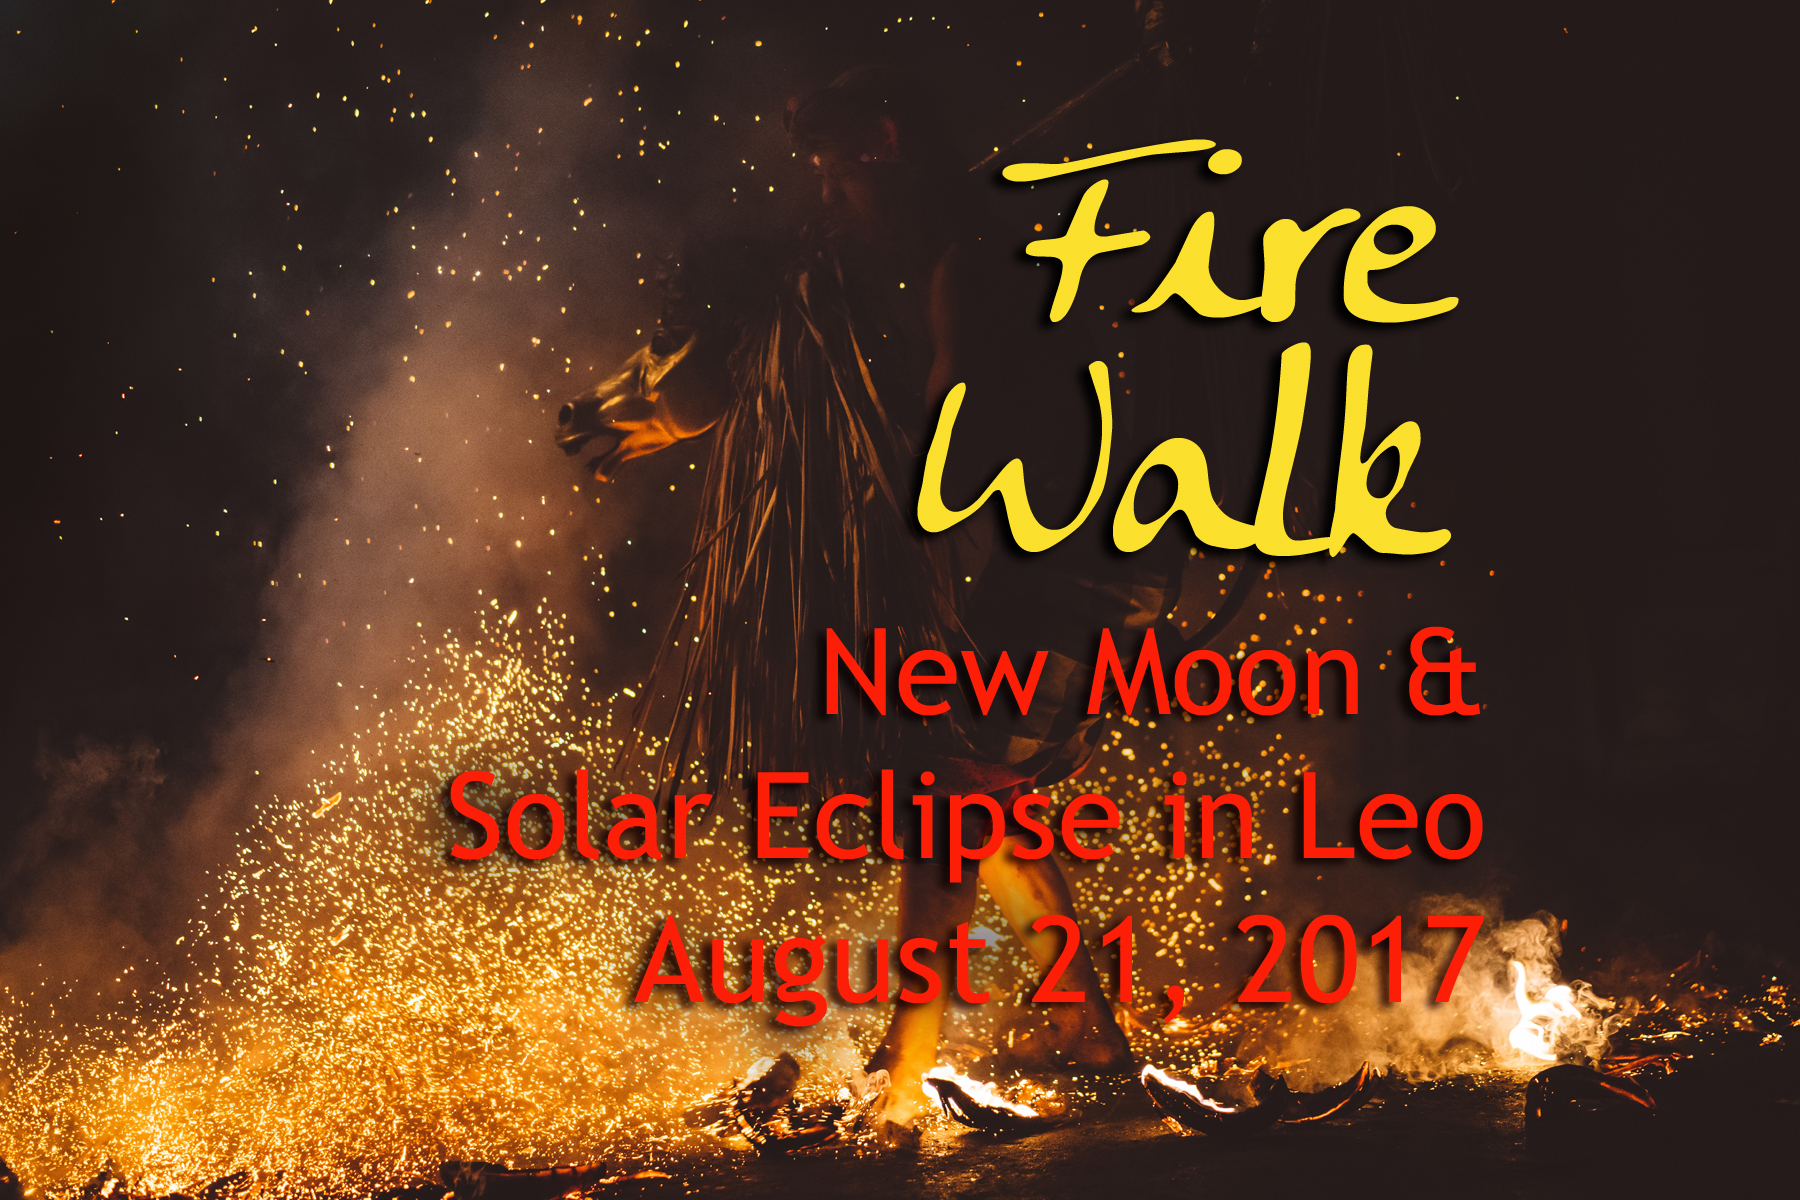 New Moon Eclipse in Leo: Fire Walk